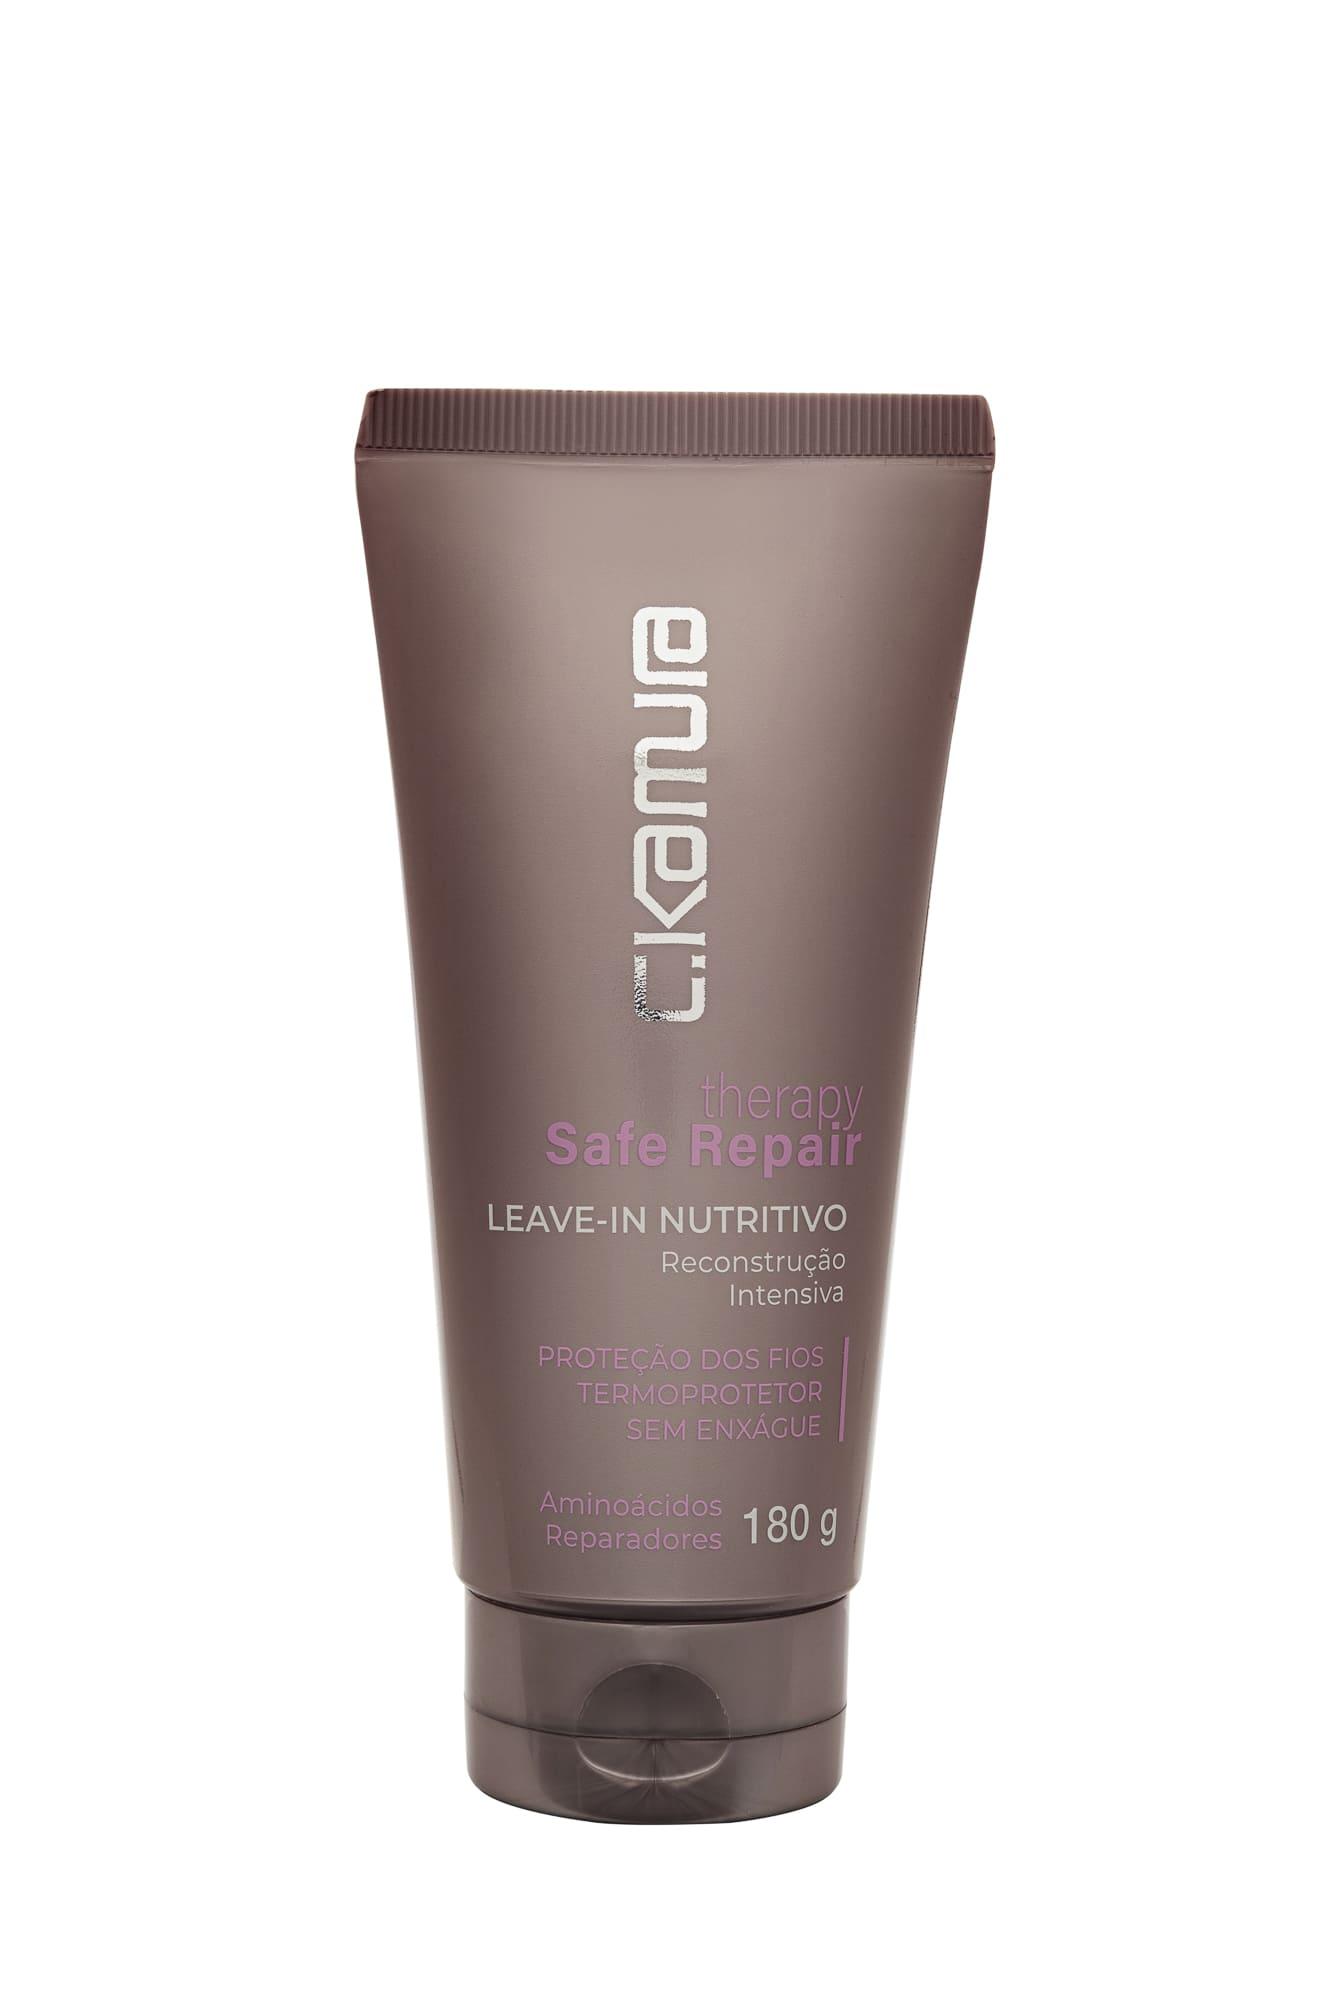 Leave-In Nutritivo Termoprotetor Therapy 180G